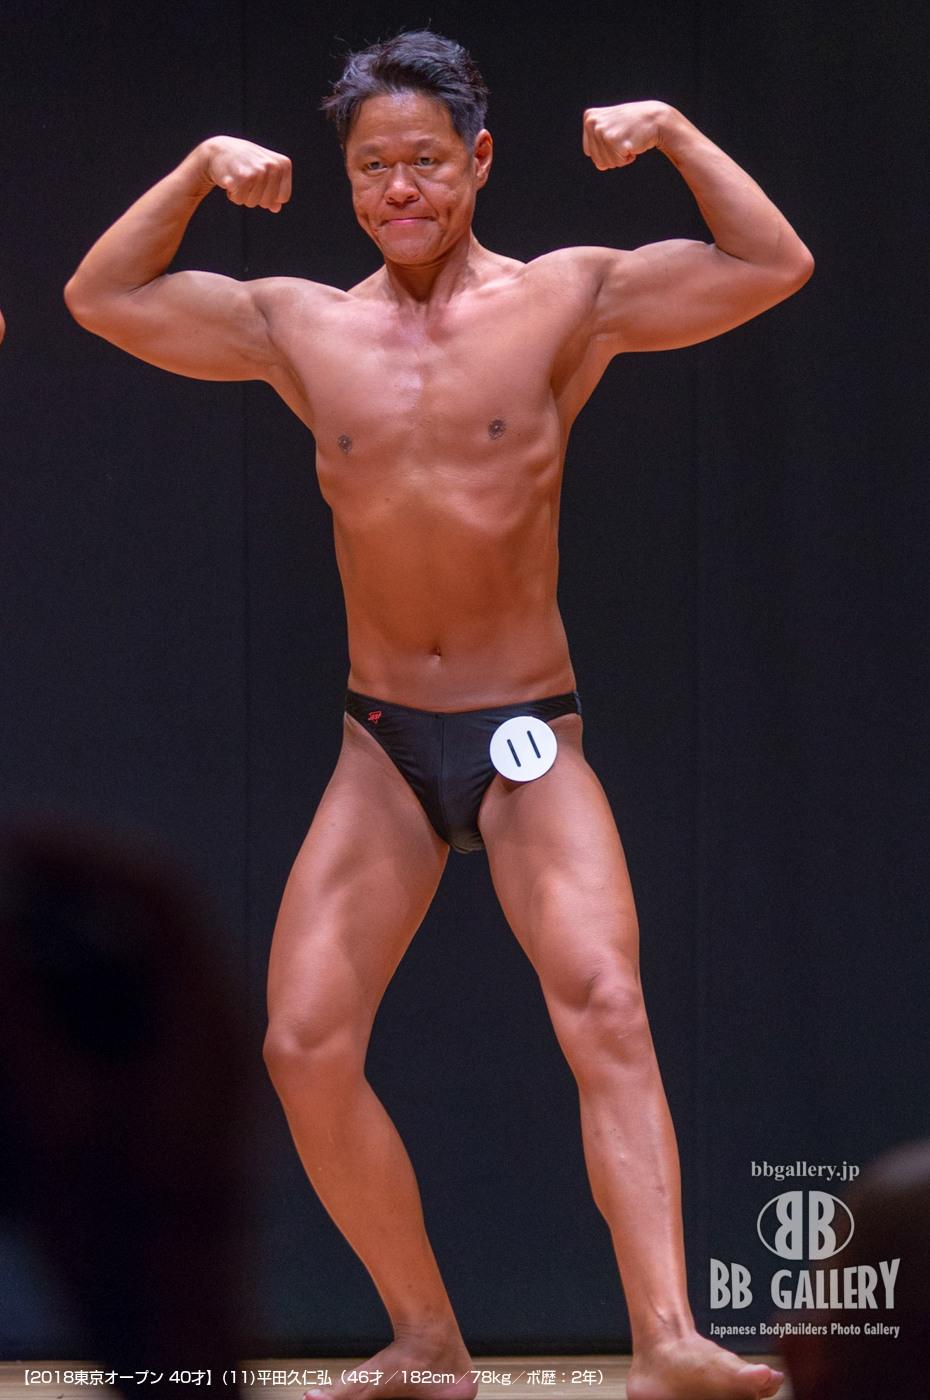 【2018東京オープン 40才】(11)平田久仁弘(46才/182cm/78kg/ボ歴:2年)